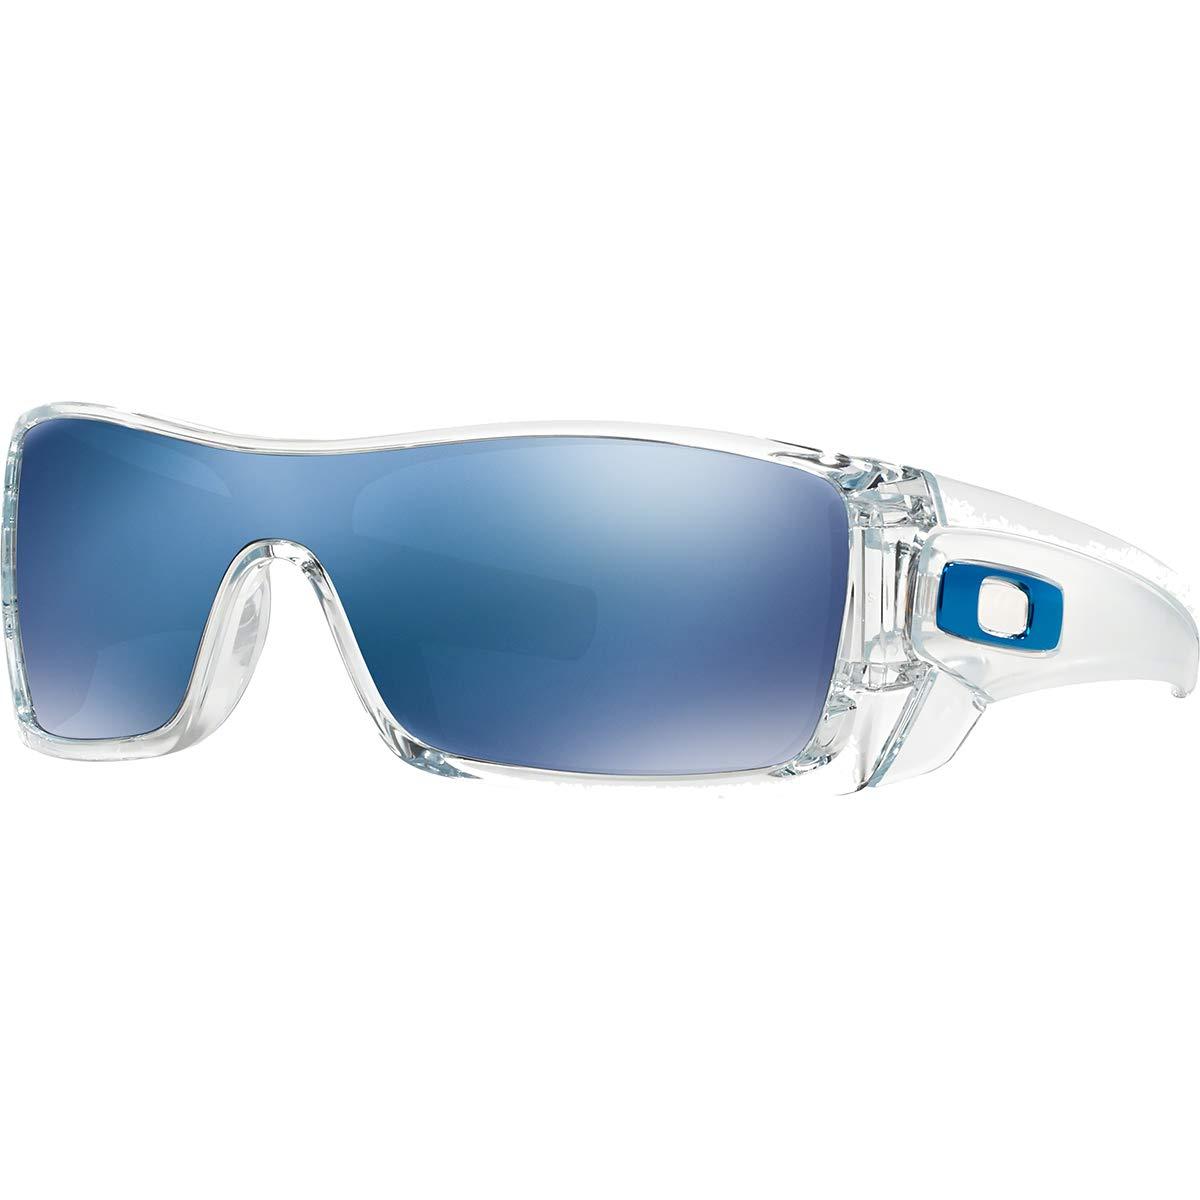 92aa088fae0e8 Amazon.com  Oakley Men s Batwolf Non-Polarized Iridium Rectangular  Sunglasses